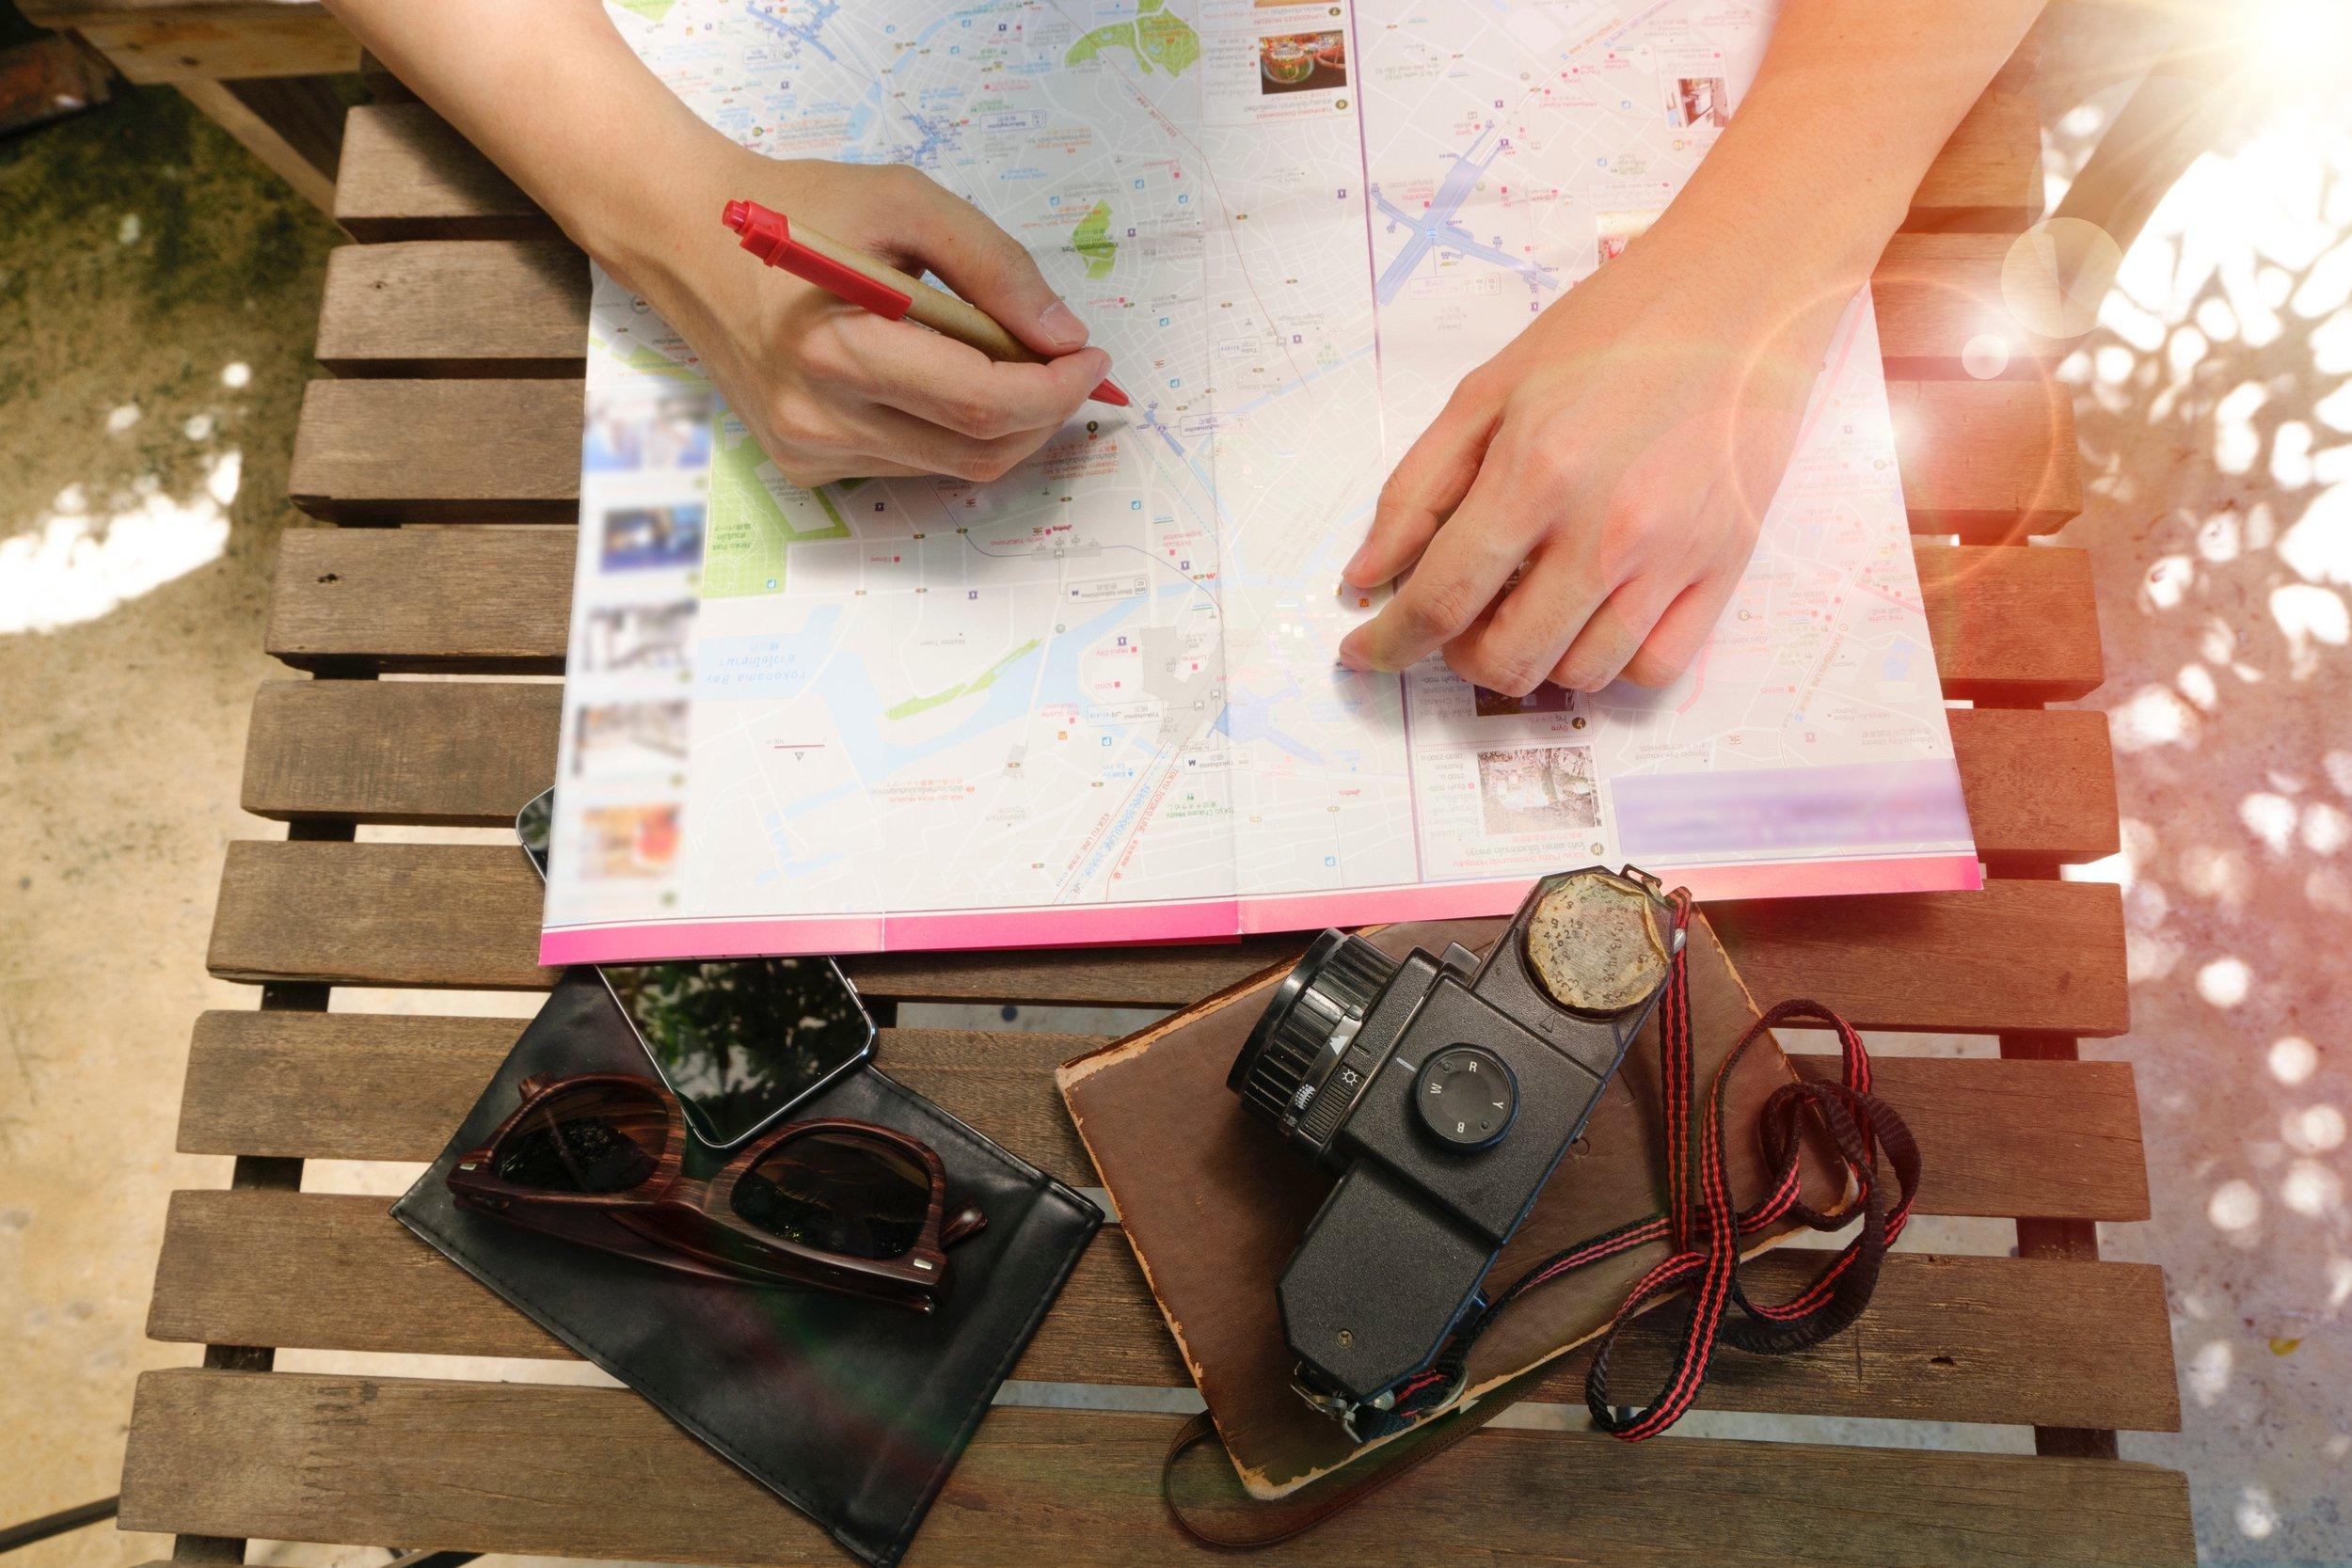 Repérer les endroits que vous voulez visiter / Pinpoint the places that you want to visit